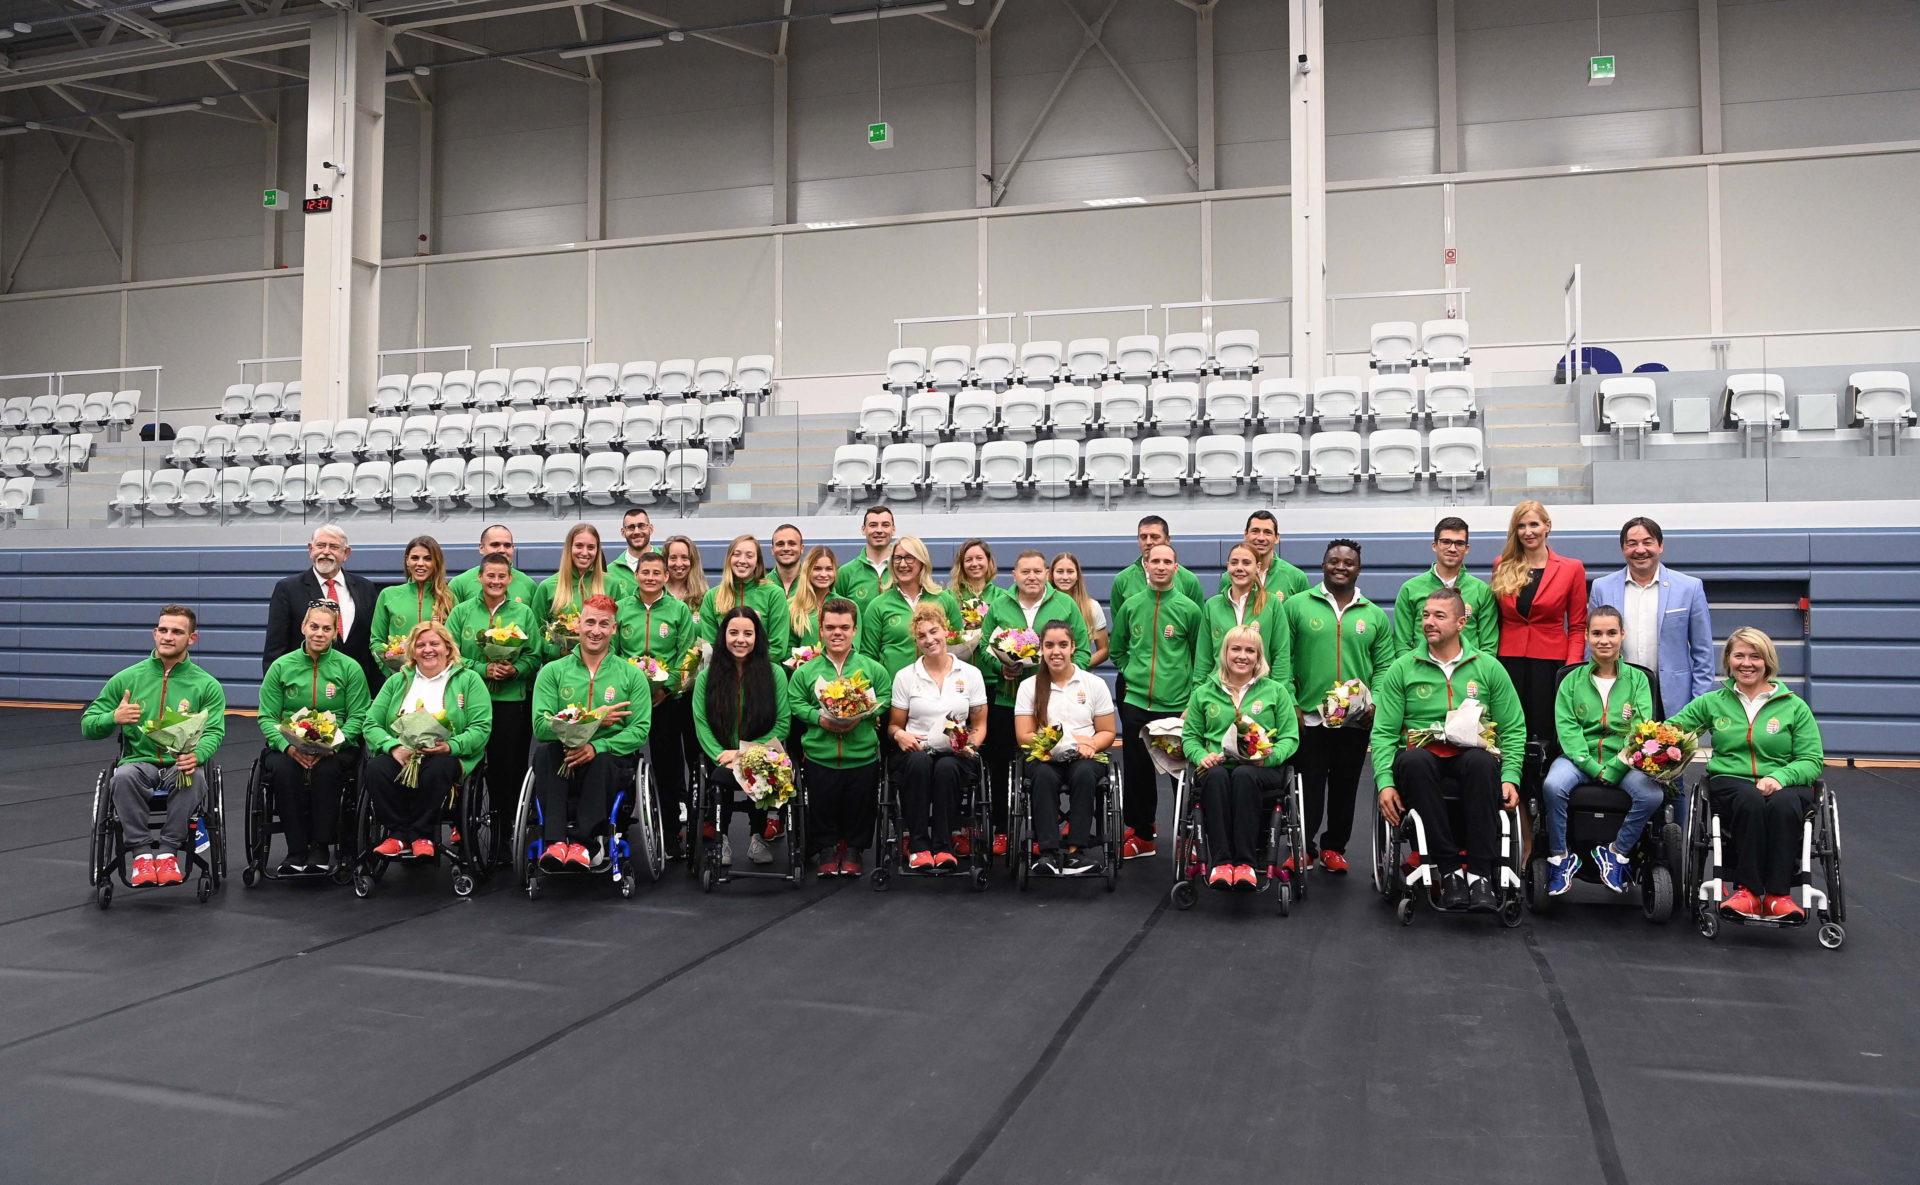 Legsikeresebb paralimpiai szereplés - főszerepben az egyetemi sportolókkal